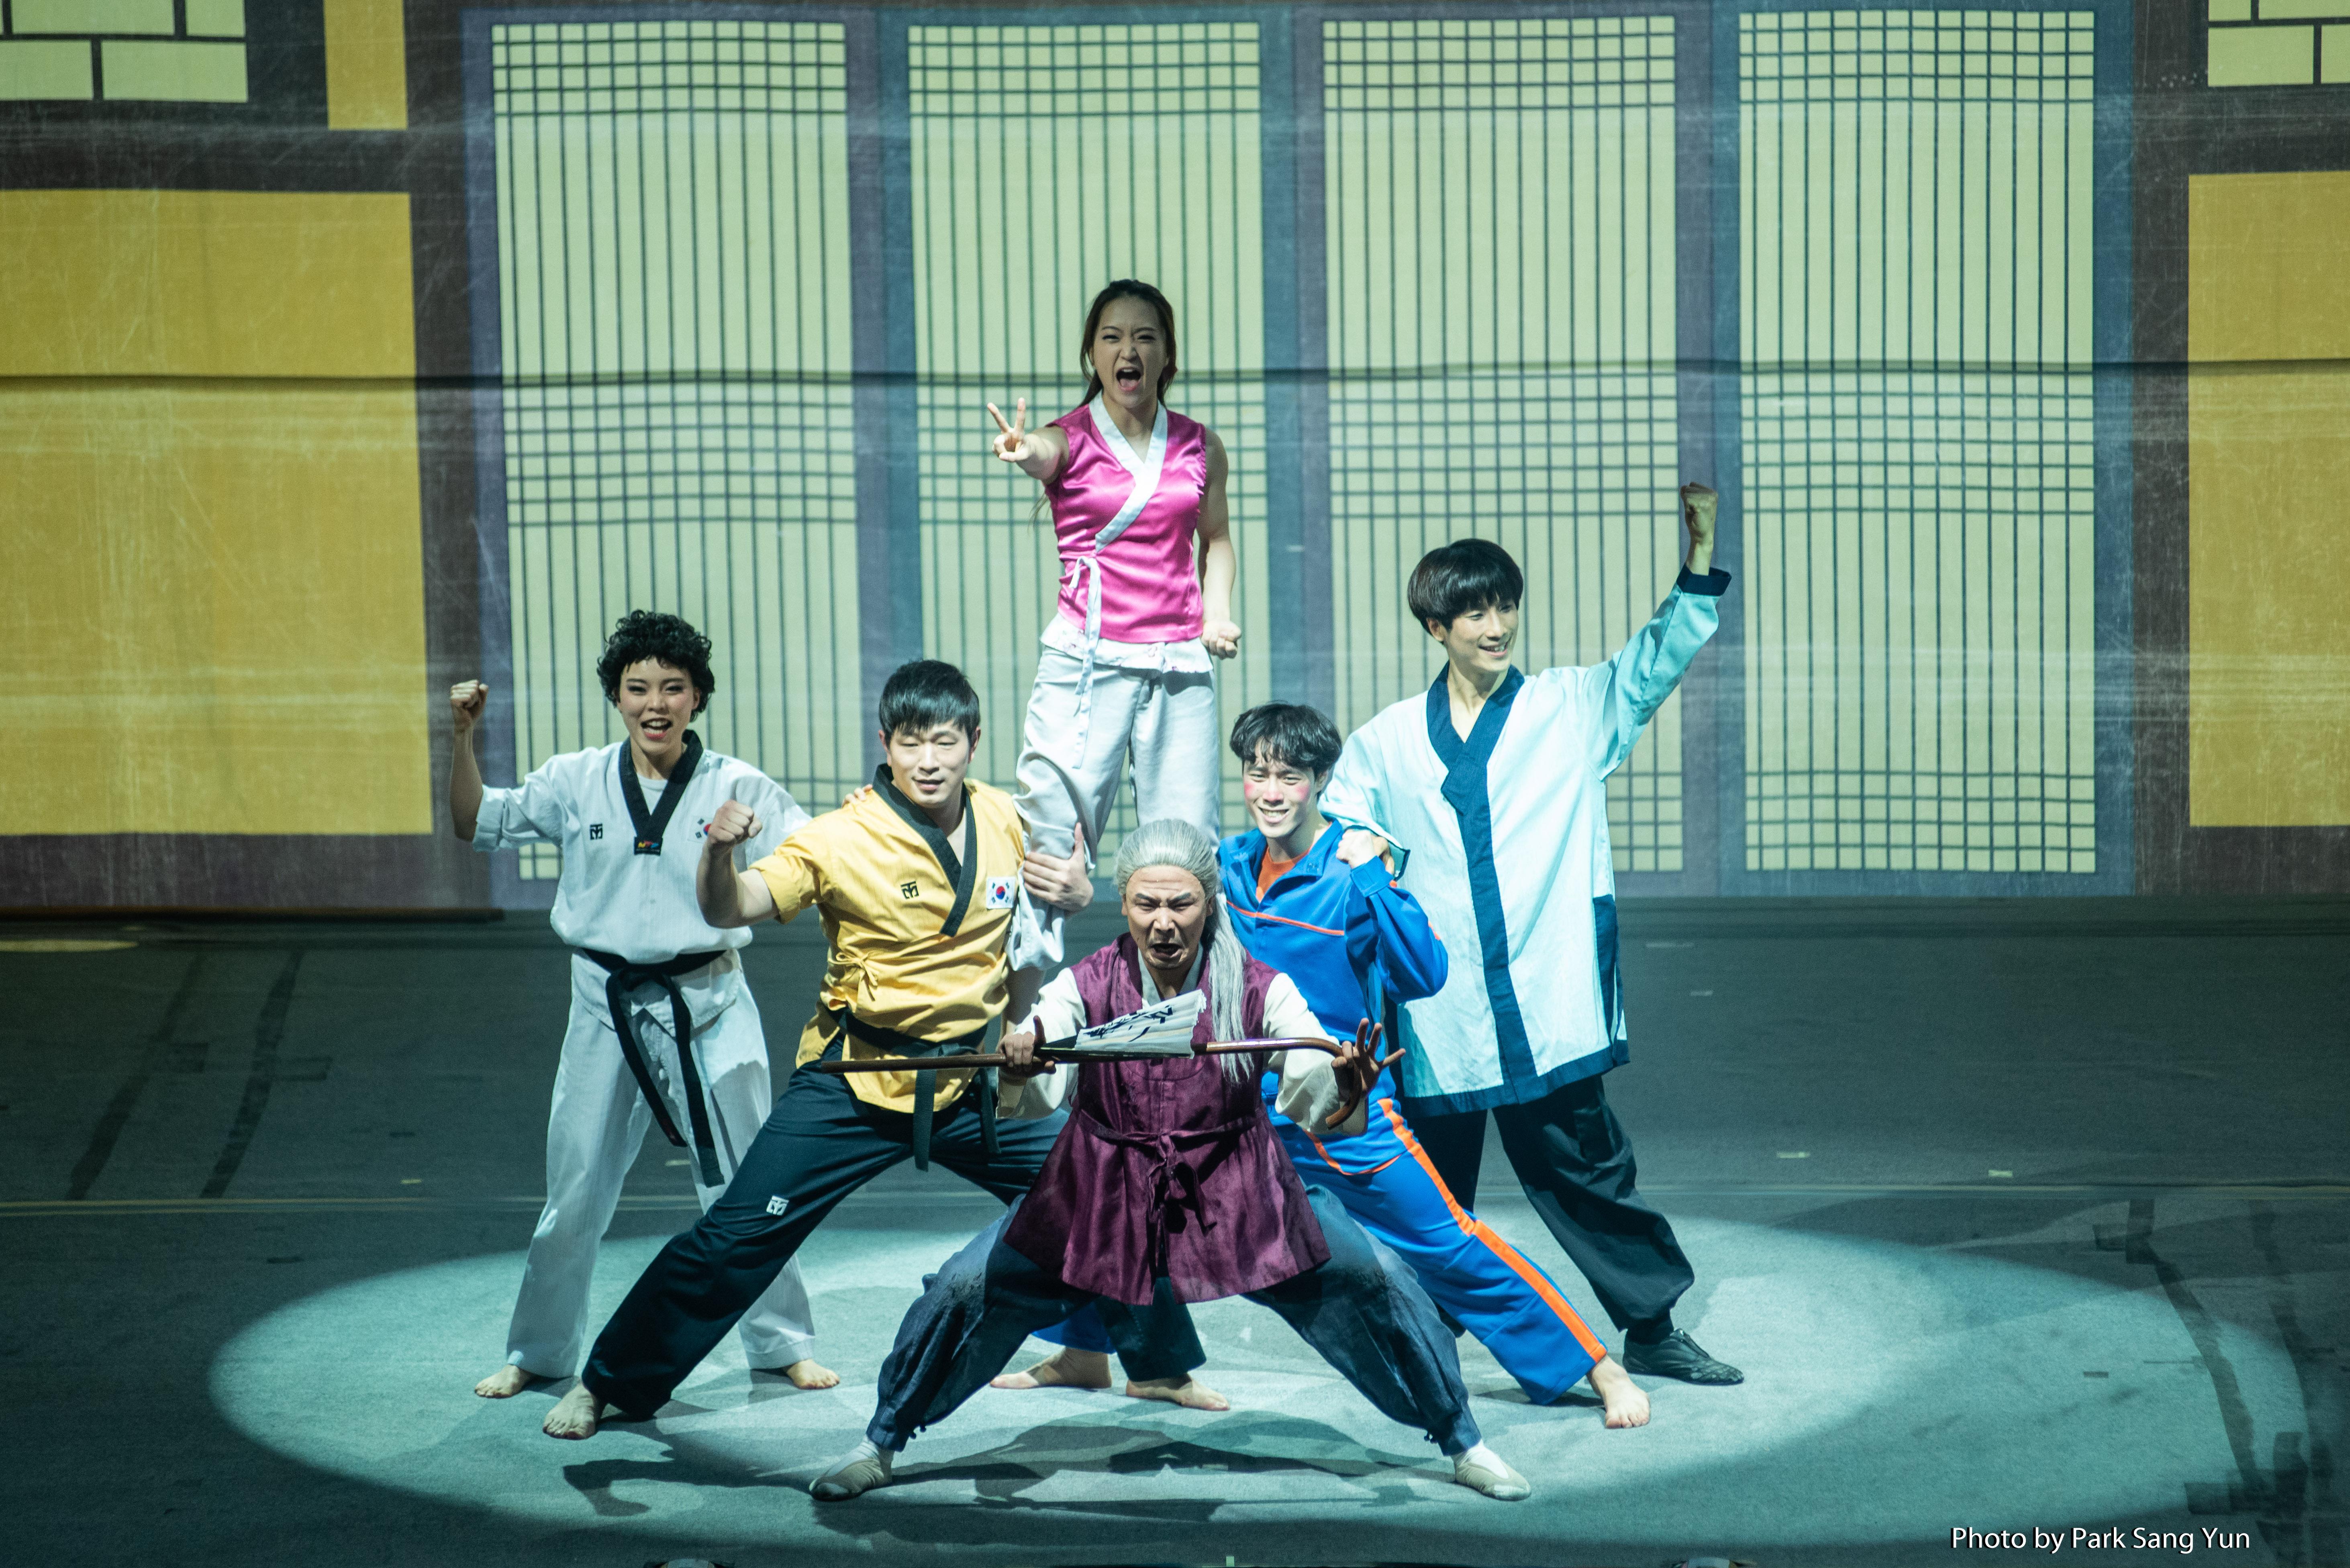 5월 가정의달 특집으로 진행한 '포스코 키즈콘서트' 점프 공연 모습